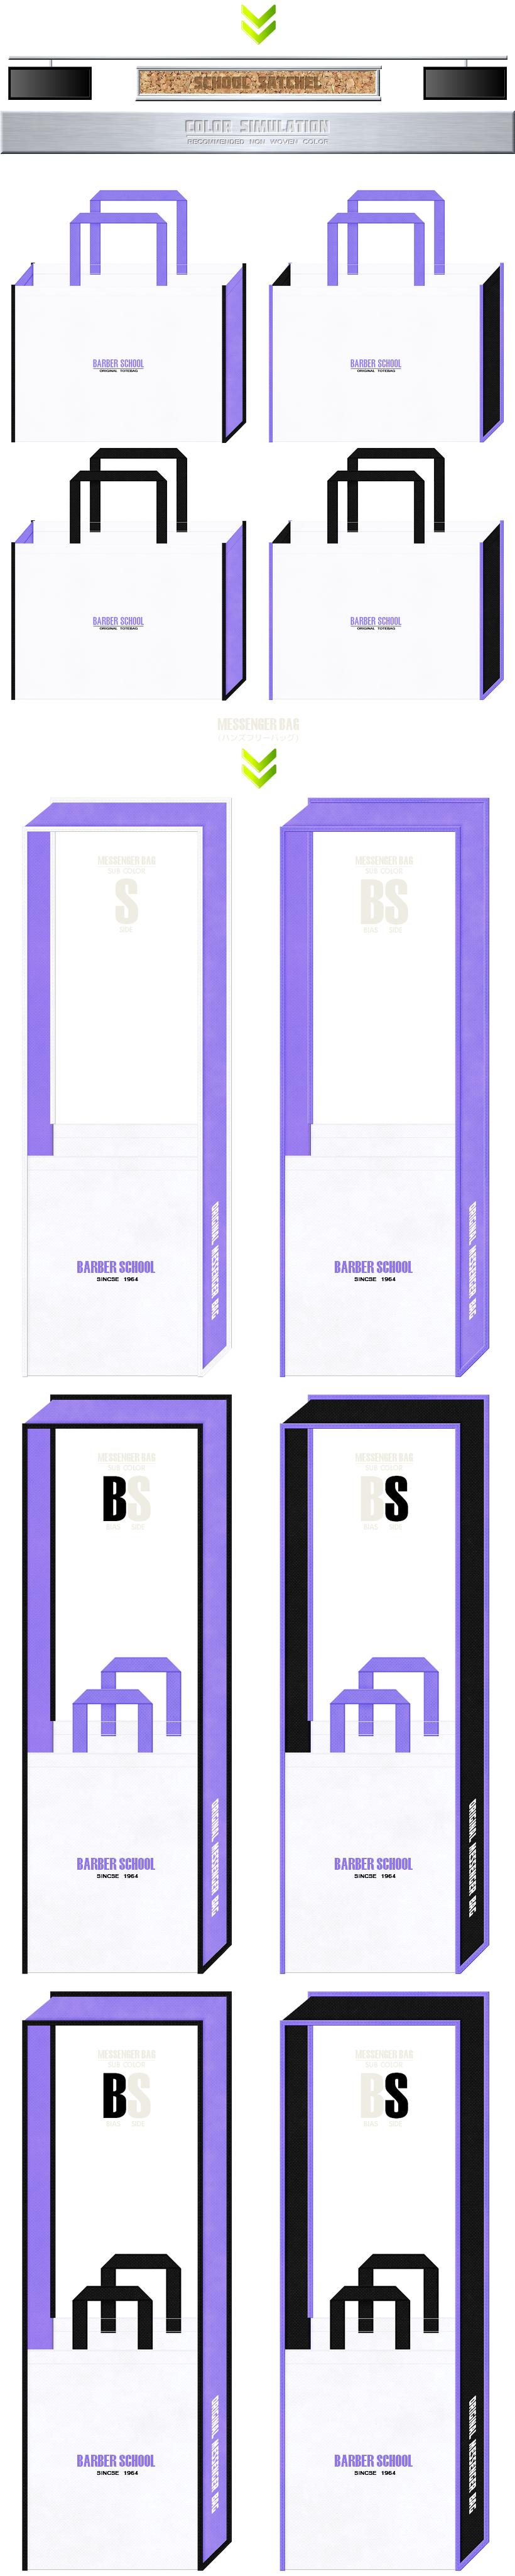 白色・薄紫色・黒色の3色仕様の不織布バッグのカラーシミュレーション(理容・美容):理容学校のレッスンバッグ